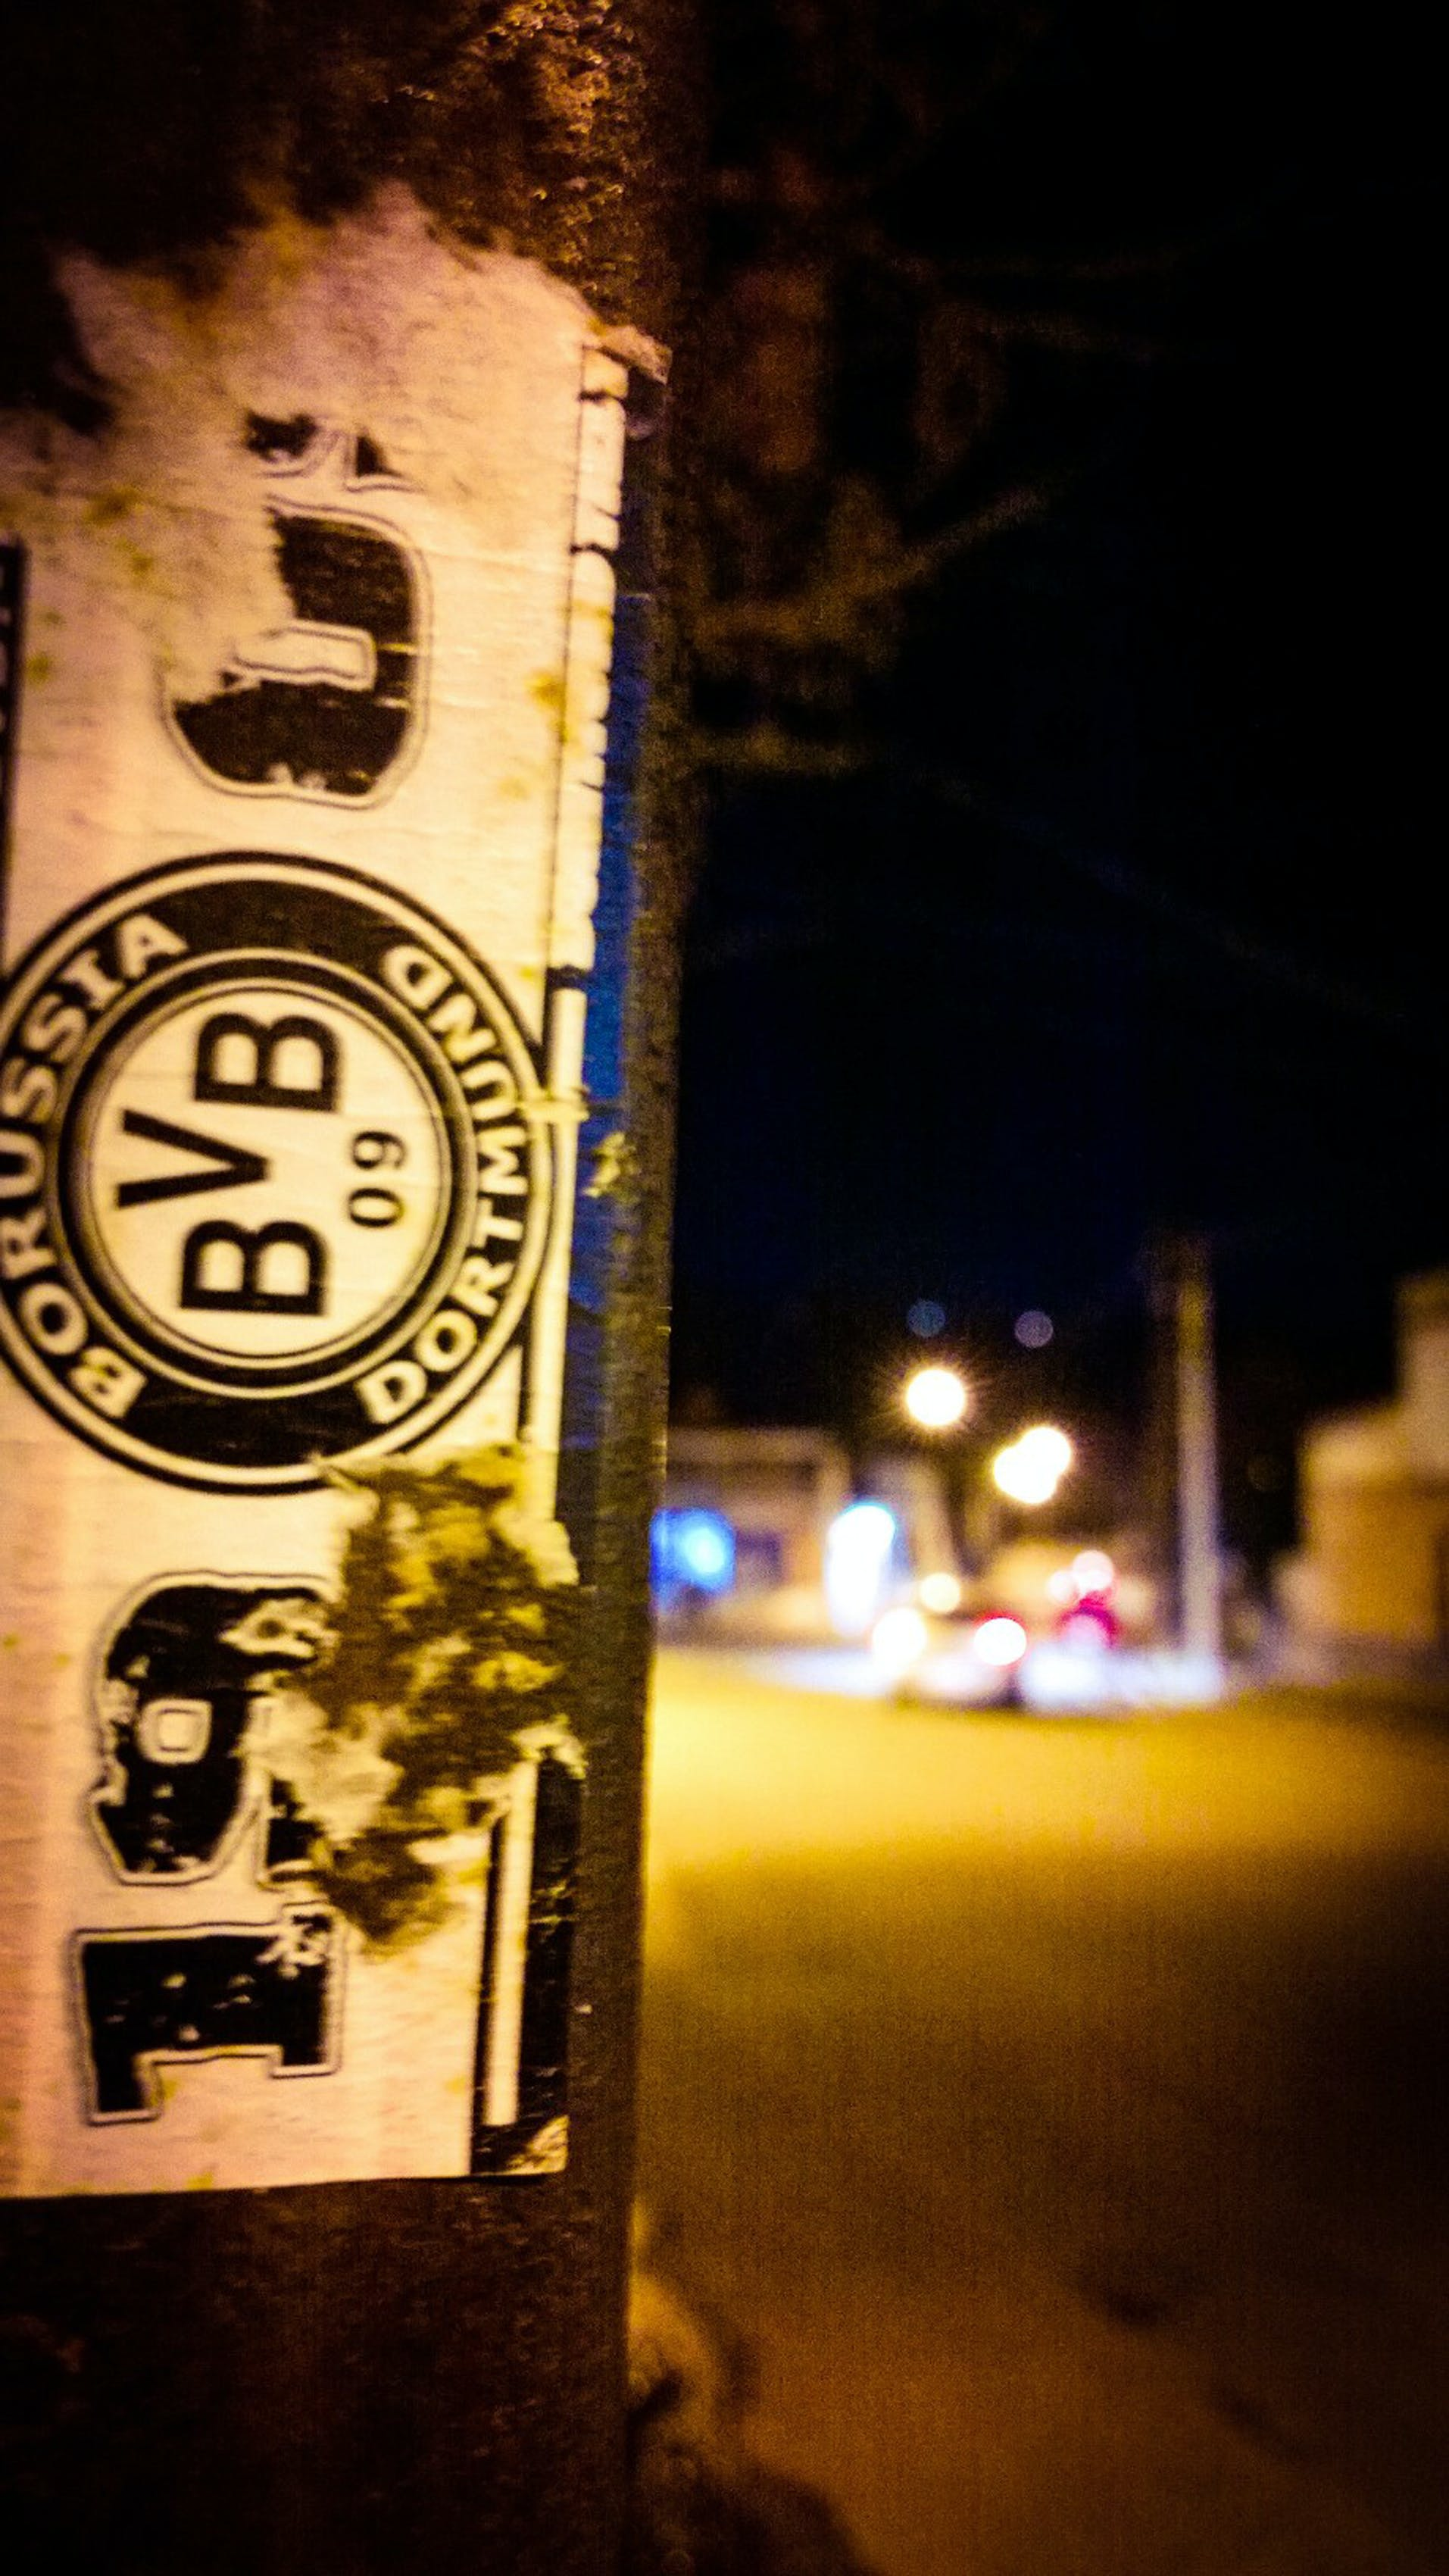 Δωρεάν στοκ φωτογραφιών με borussia, ανεμιστήρας, δρόμος, ποδόσφαιρο